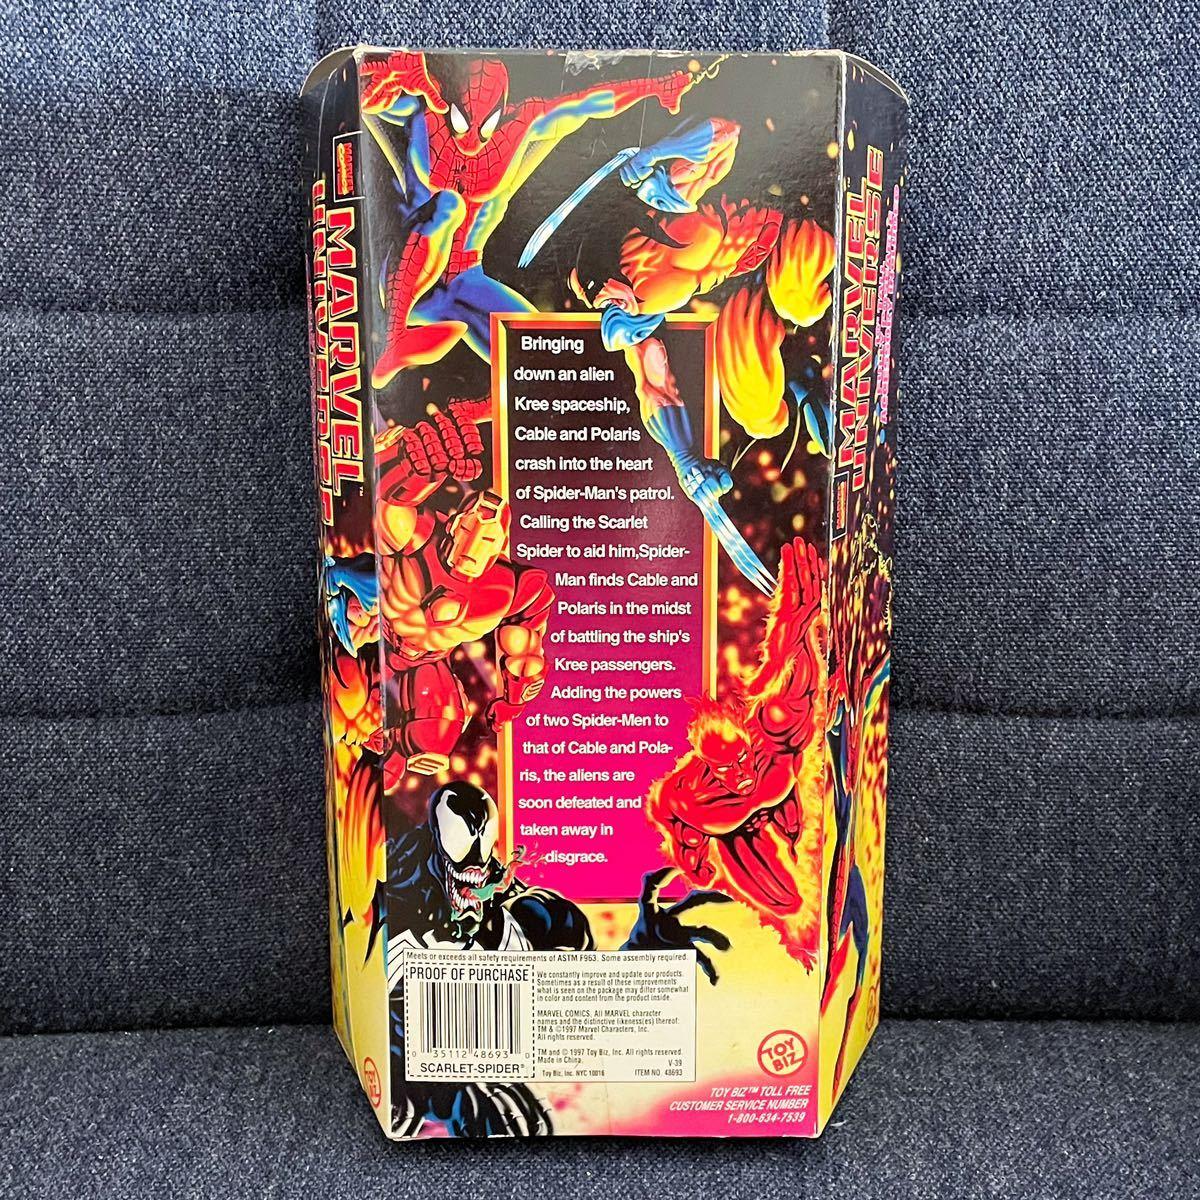 未開封 1997年製 TOYBIZ トイビズ マーベルユニバース 10インチアクションフィギュア SPIDER-MAN スパイダーマン スカーレットスパイダー_画像5